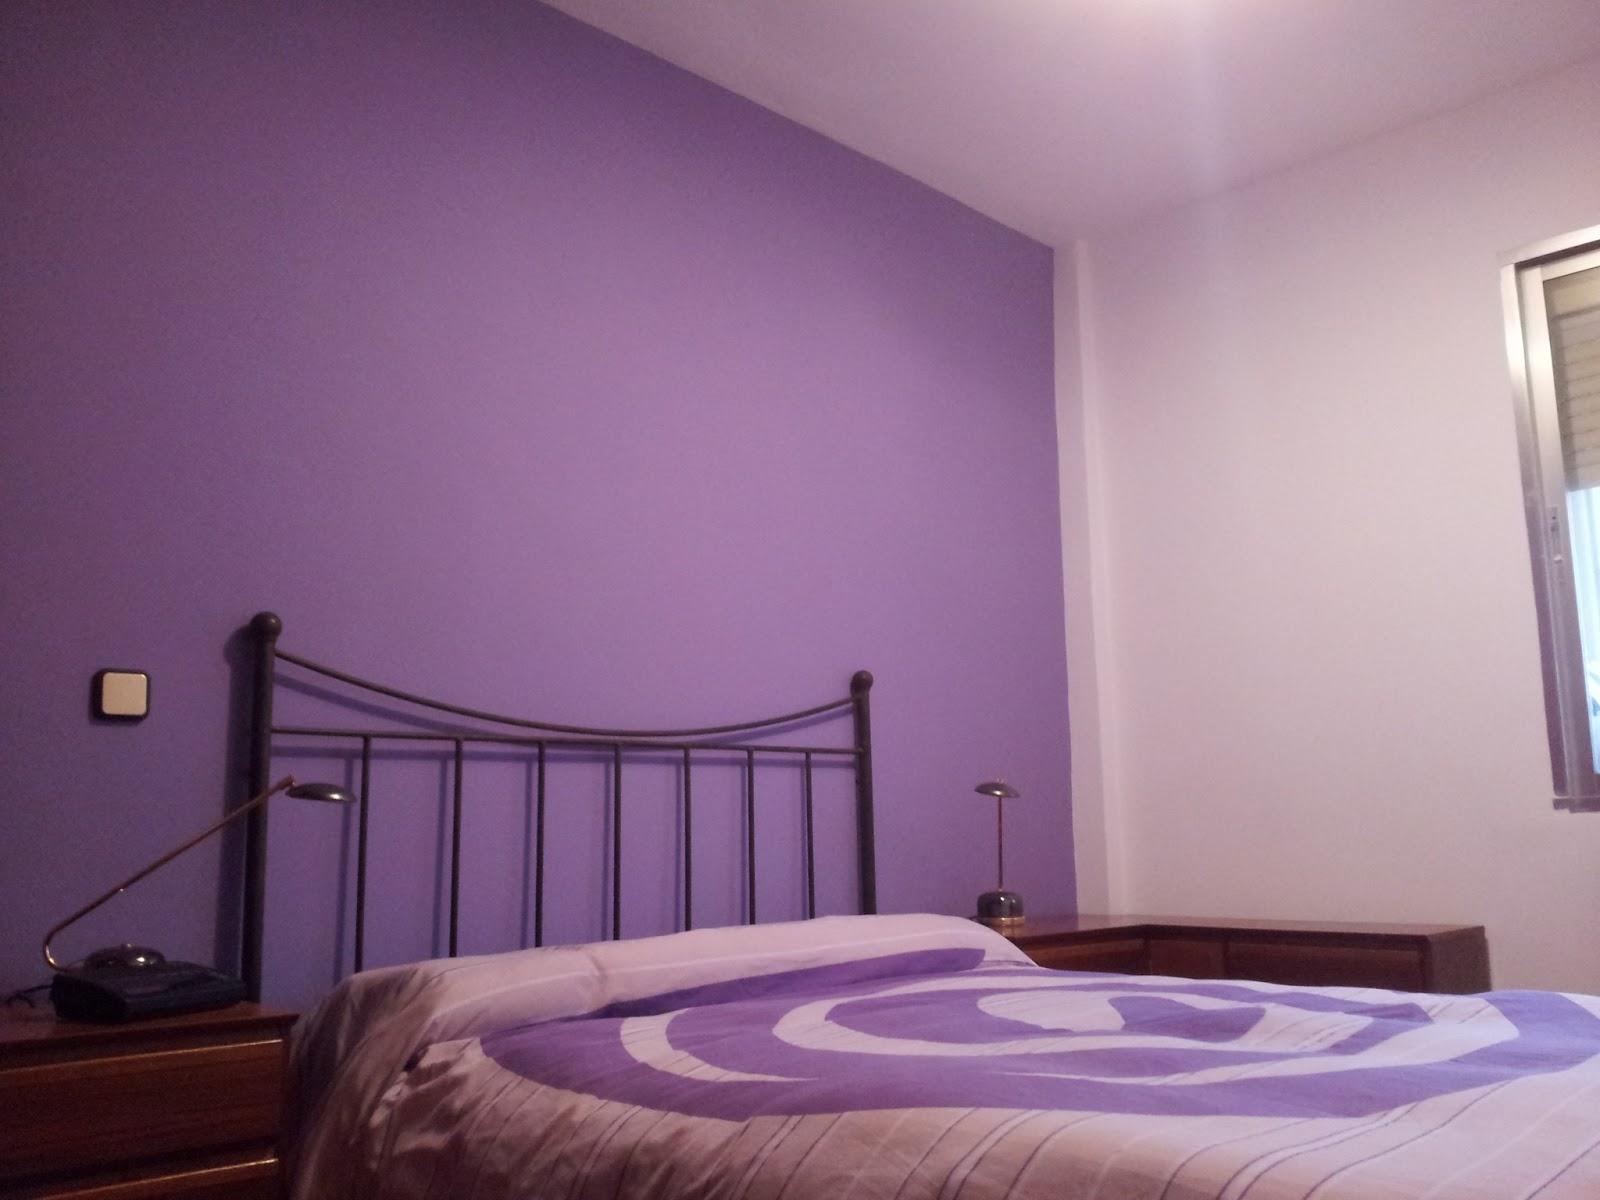 Alisado y pintura habitacion color morado violeta - Color de pintura para habitacion ...